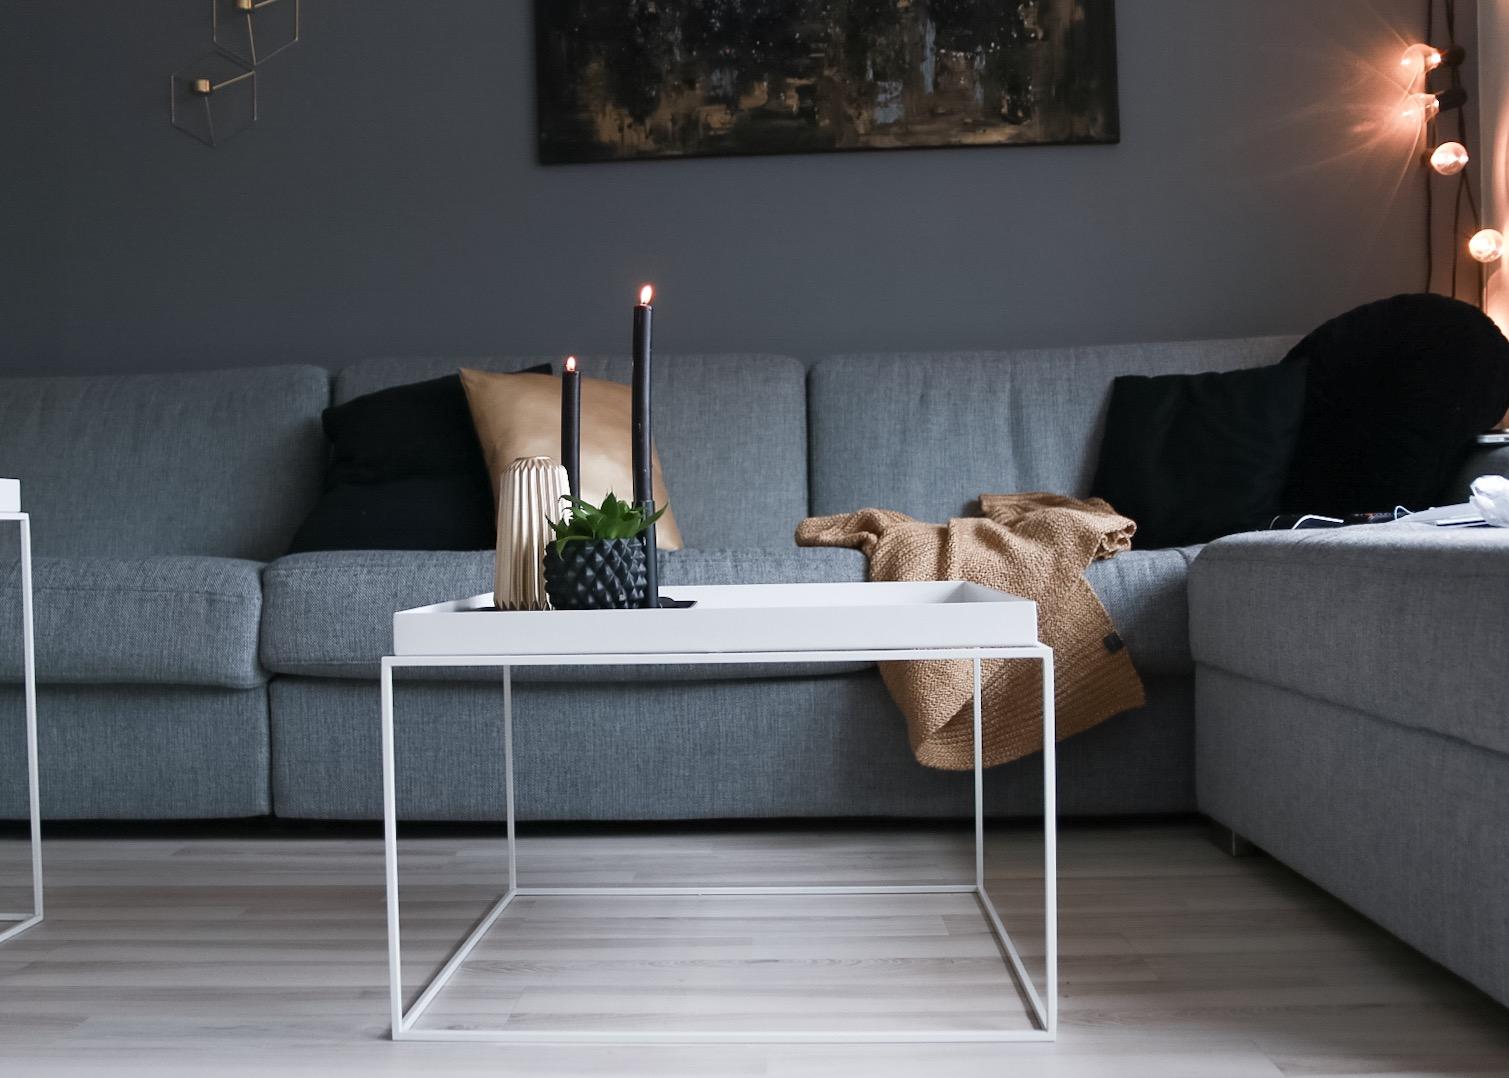 Ikea Katalog For 2018 Hvitelinjer Hvitelinjer